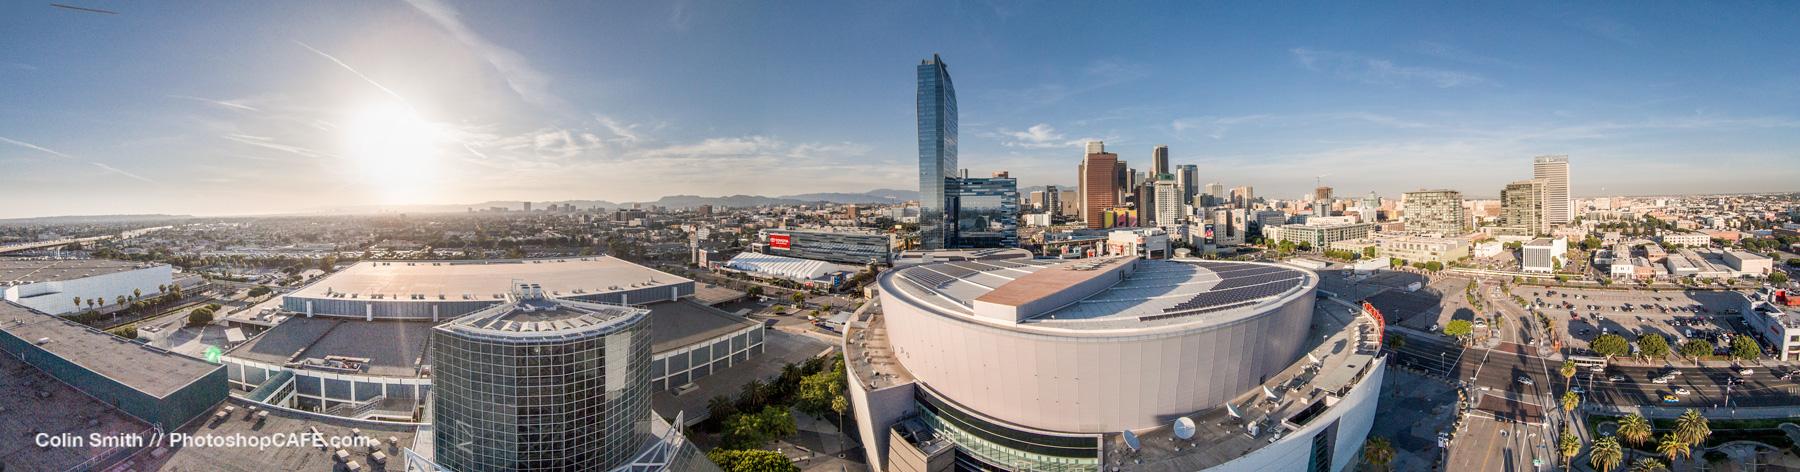 LA-convention-center